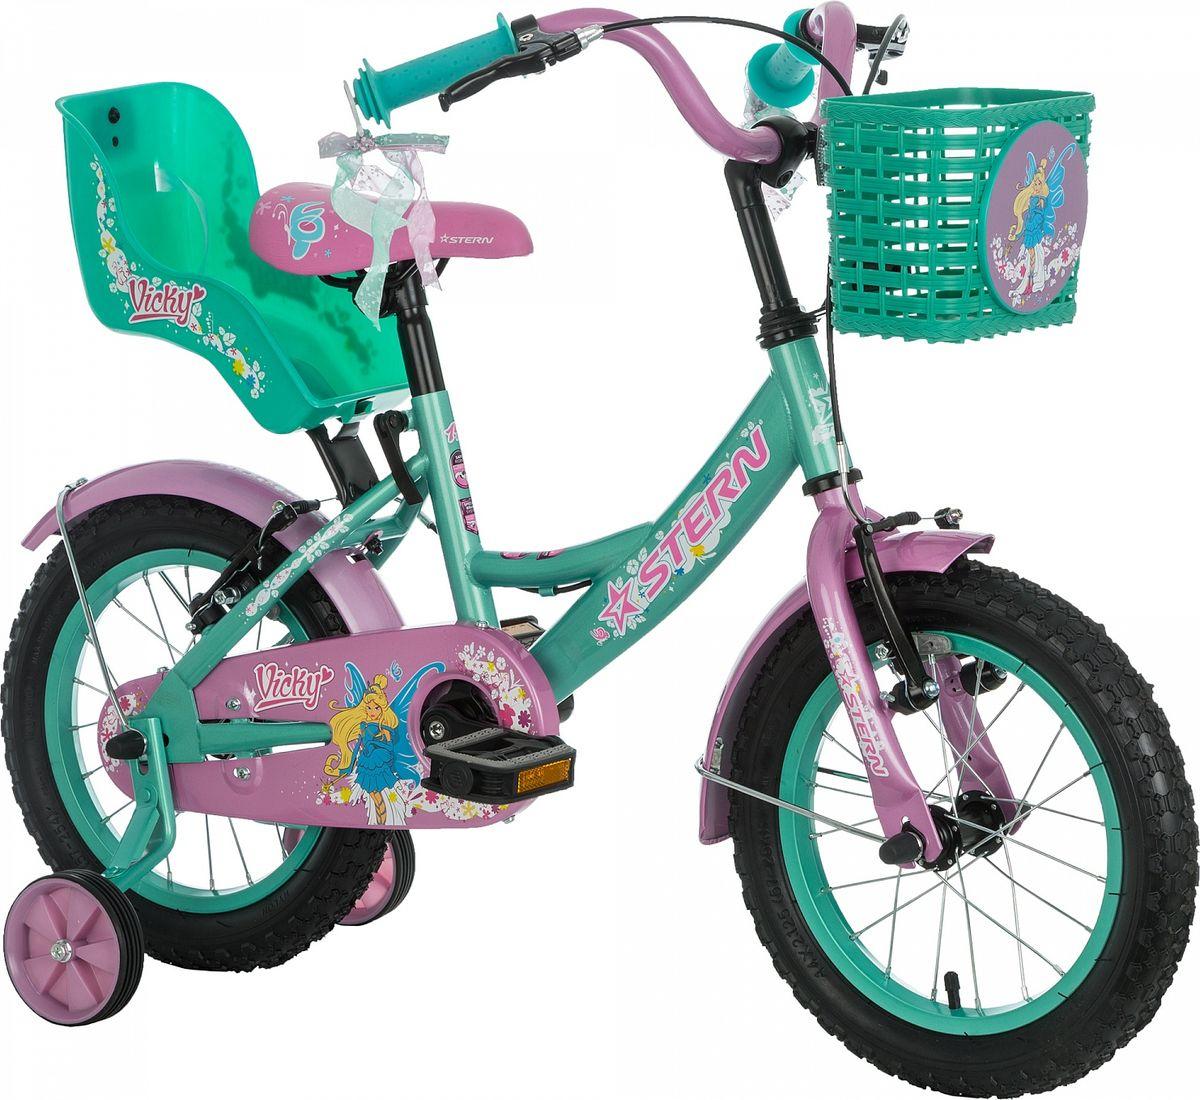 Улучшенная модель детского велосипеда. Набор красивых и функциональных аксессуаров не оставит юных велосипедистов равнодушными. Модель рассчитана на возраст 3-5 лет и рост 99-115 см. На велосипеде установлен комплект тормозов типа V-brake, ограничитель поворота руля, защита цепи и светоотражатели. Комплектация включает функциональную трансмиссию: педали можно прокрутить назад и нажать на них в любом положении. В комплект входят переднее и заднее крылья, а также съемные боковые колеса для обучения езде.В модели предусмотрена надежная стальная рама Hi-TEN STEEL.